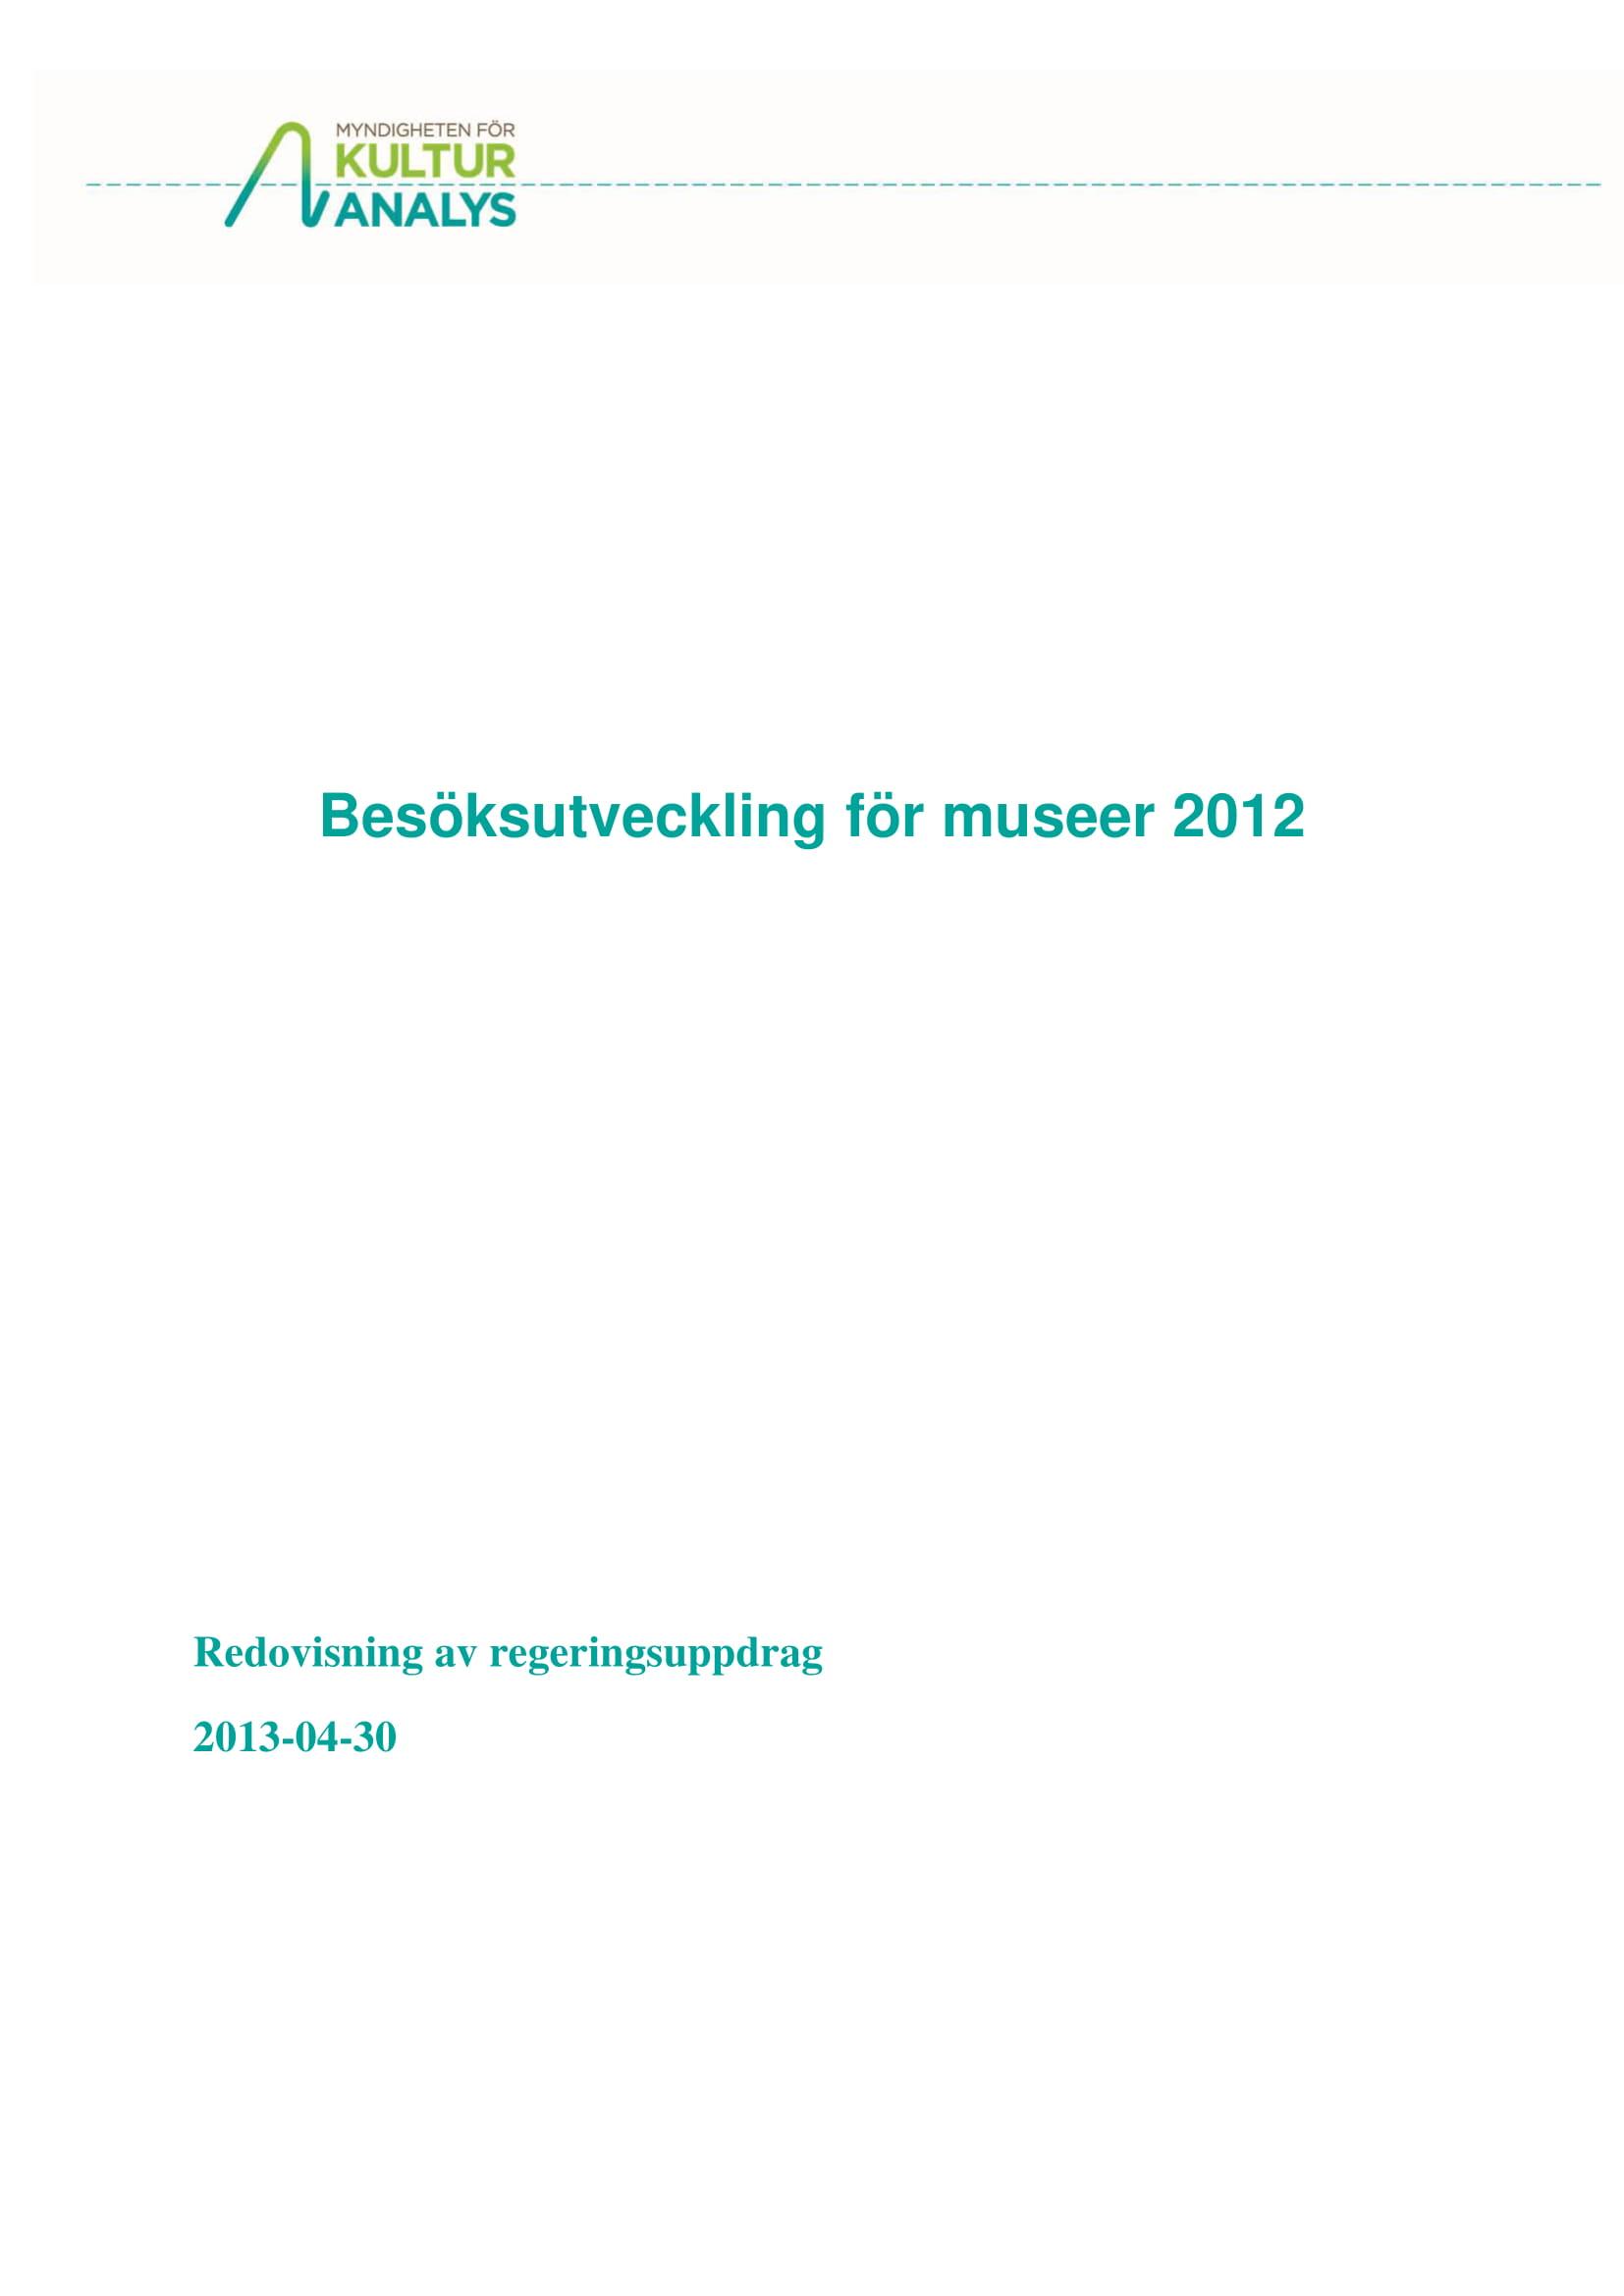 Omslagsbild Besöksutveckling för museer 2012